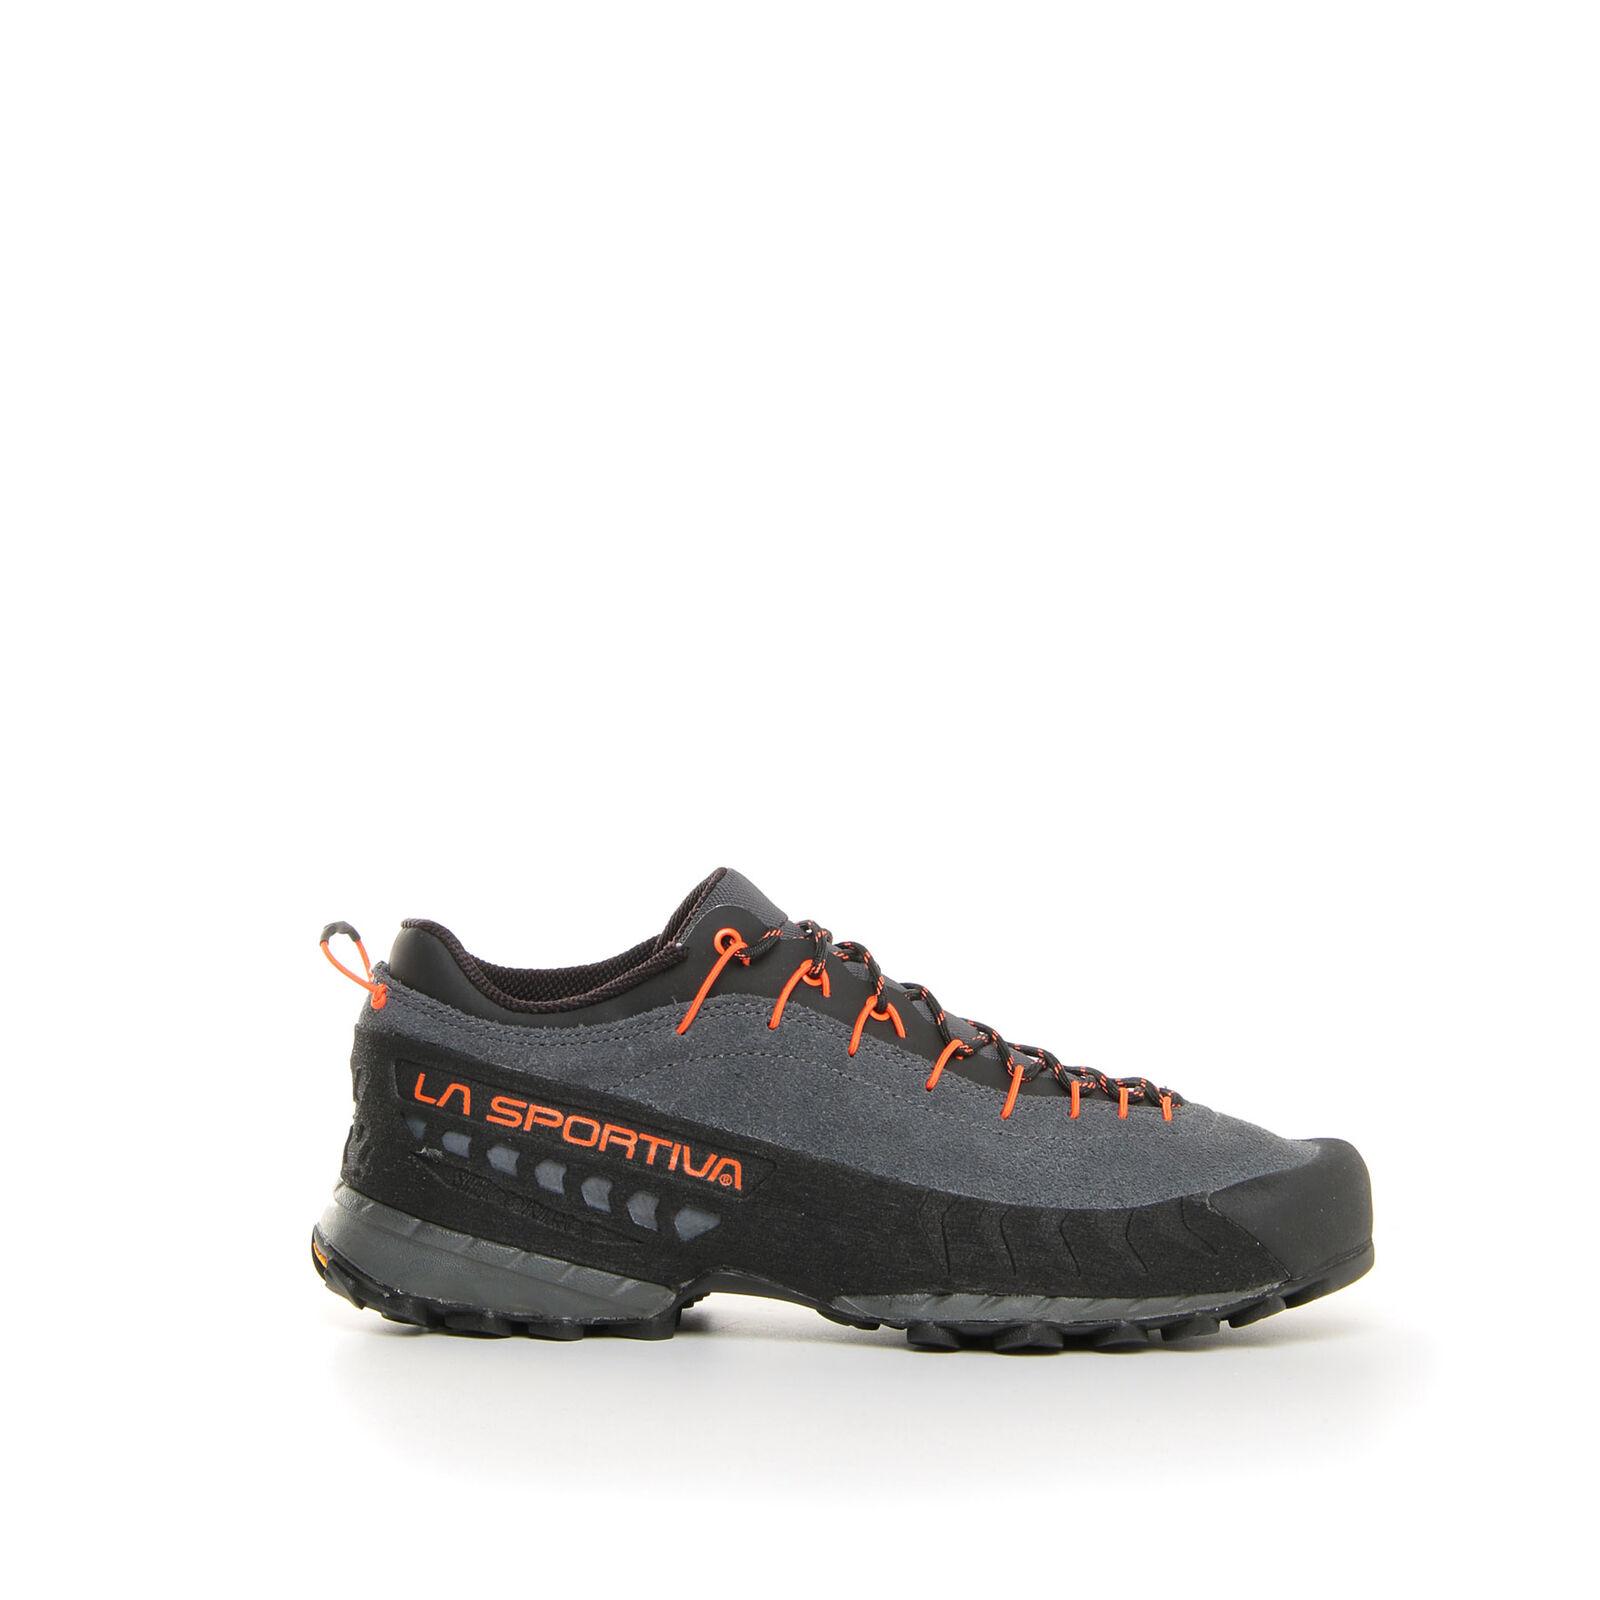 LA SPORTIVA TX4 zapatos TREKKING hombres 17W 900304